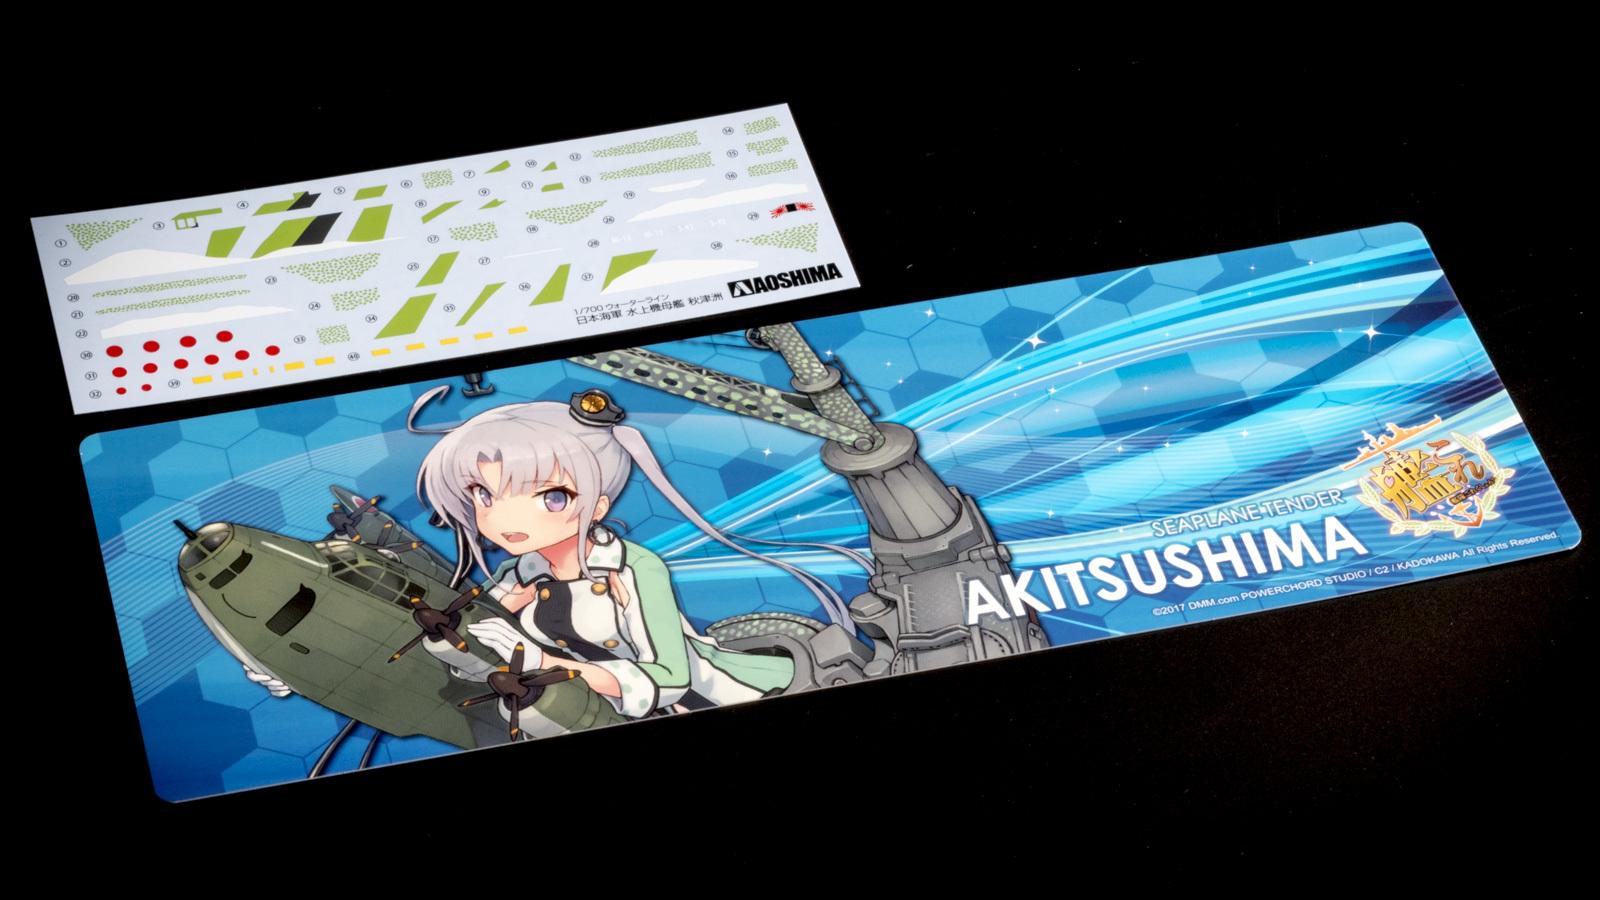 ありがとうアオシマ。1/700秋津洲で考える『艦これ』のありがたみ_b0029315_23081451.jpg